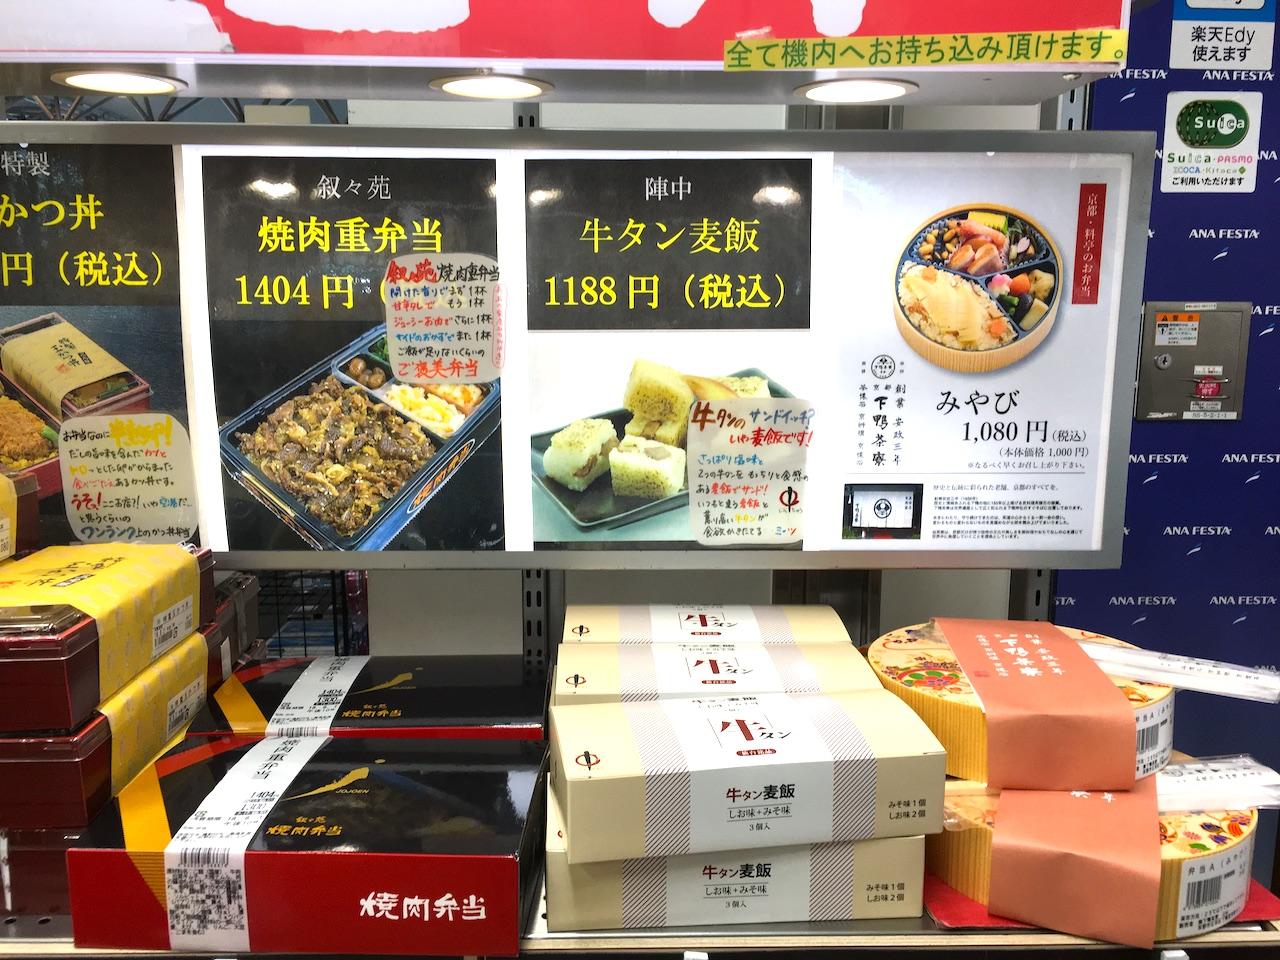 羽田空港国内線出発ロビー ANA FESTA 空弁コーナー3